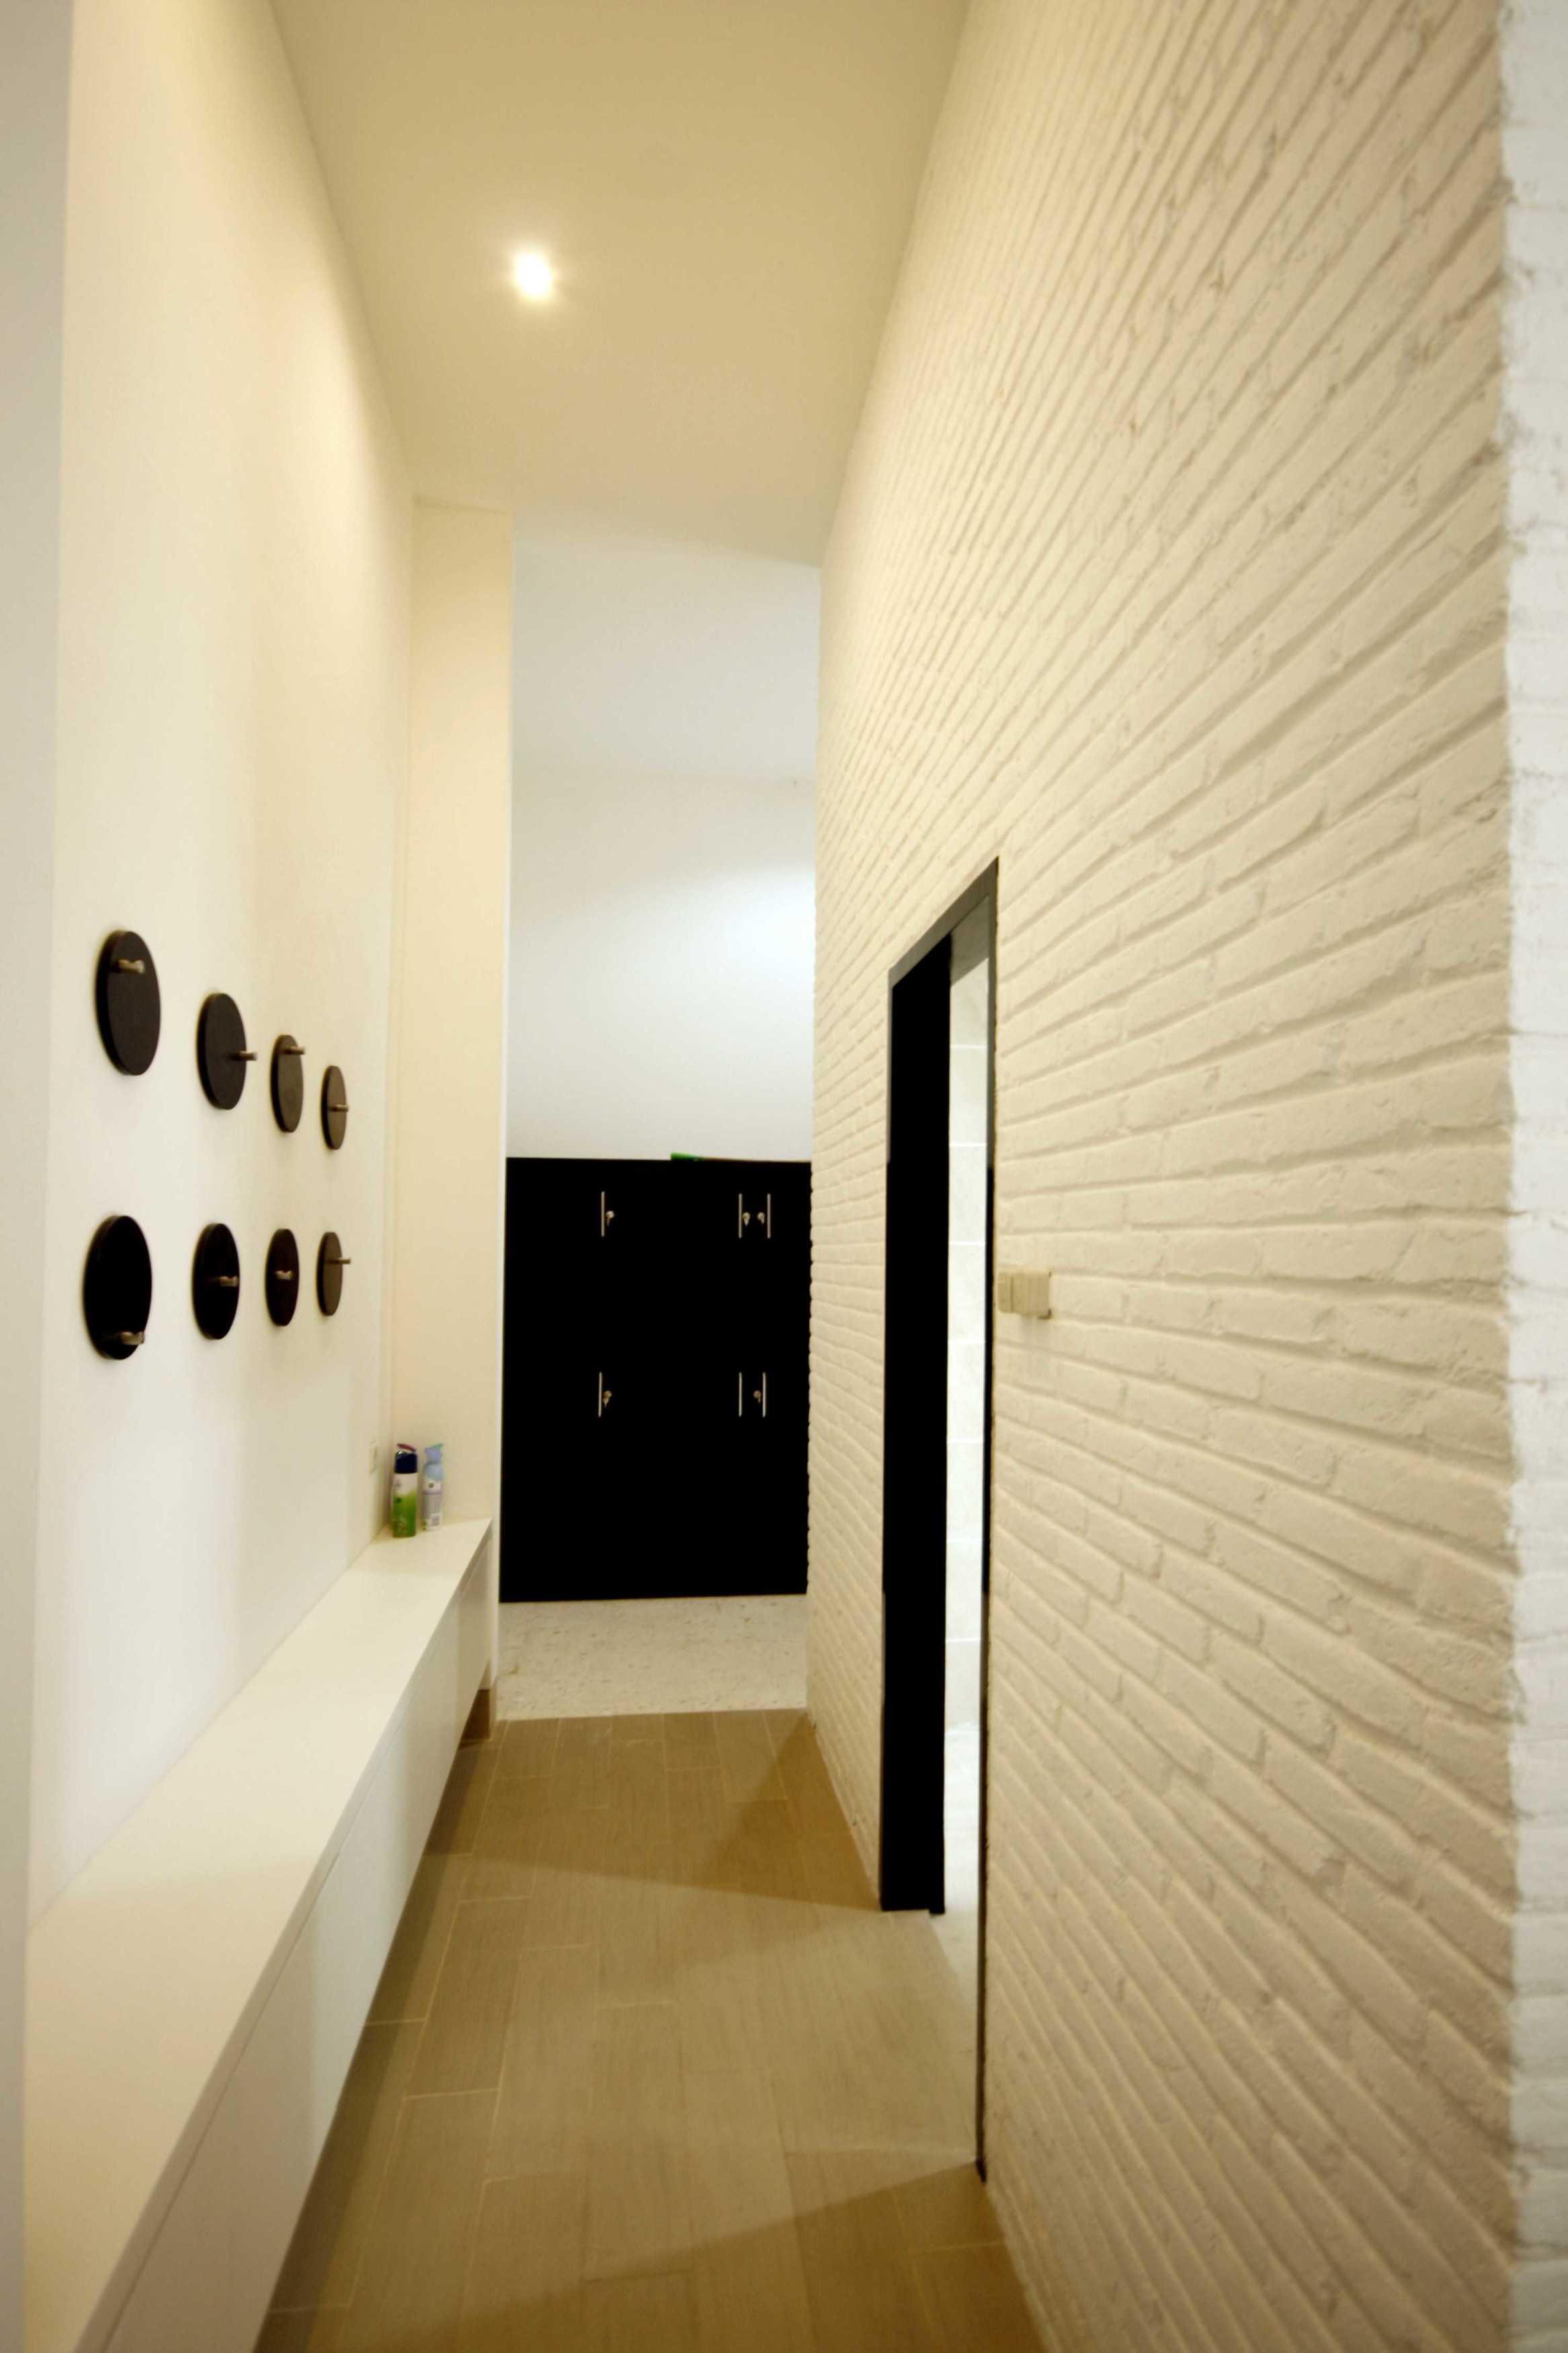 Ksad Roemah Singgah #1 Kediri, East Java, Indonesia Kediri, East Java, Indonesia Corridor Room   10214